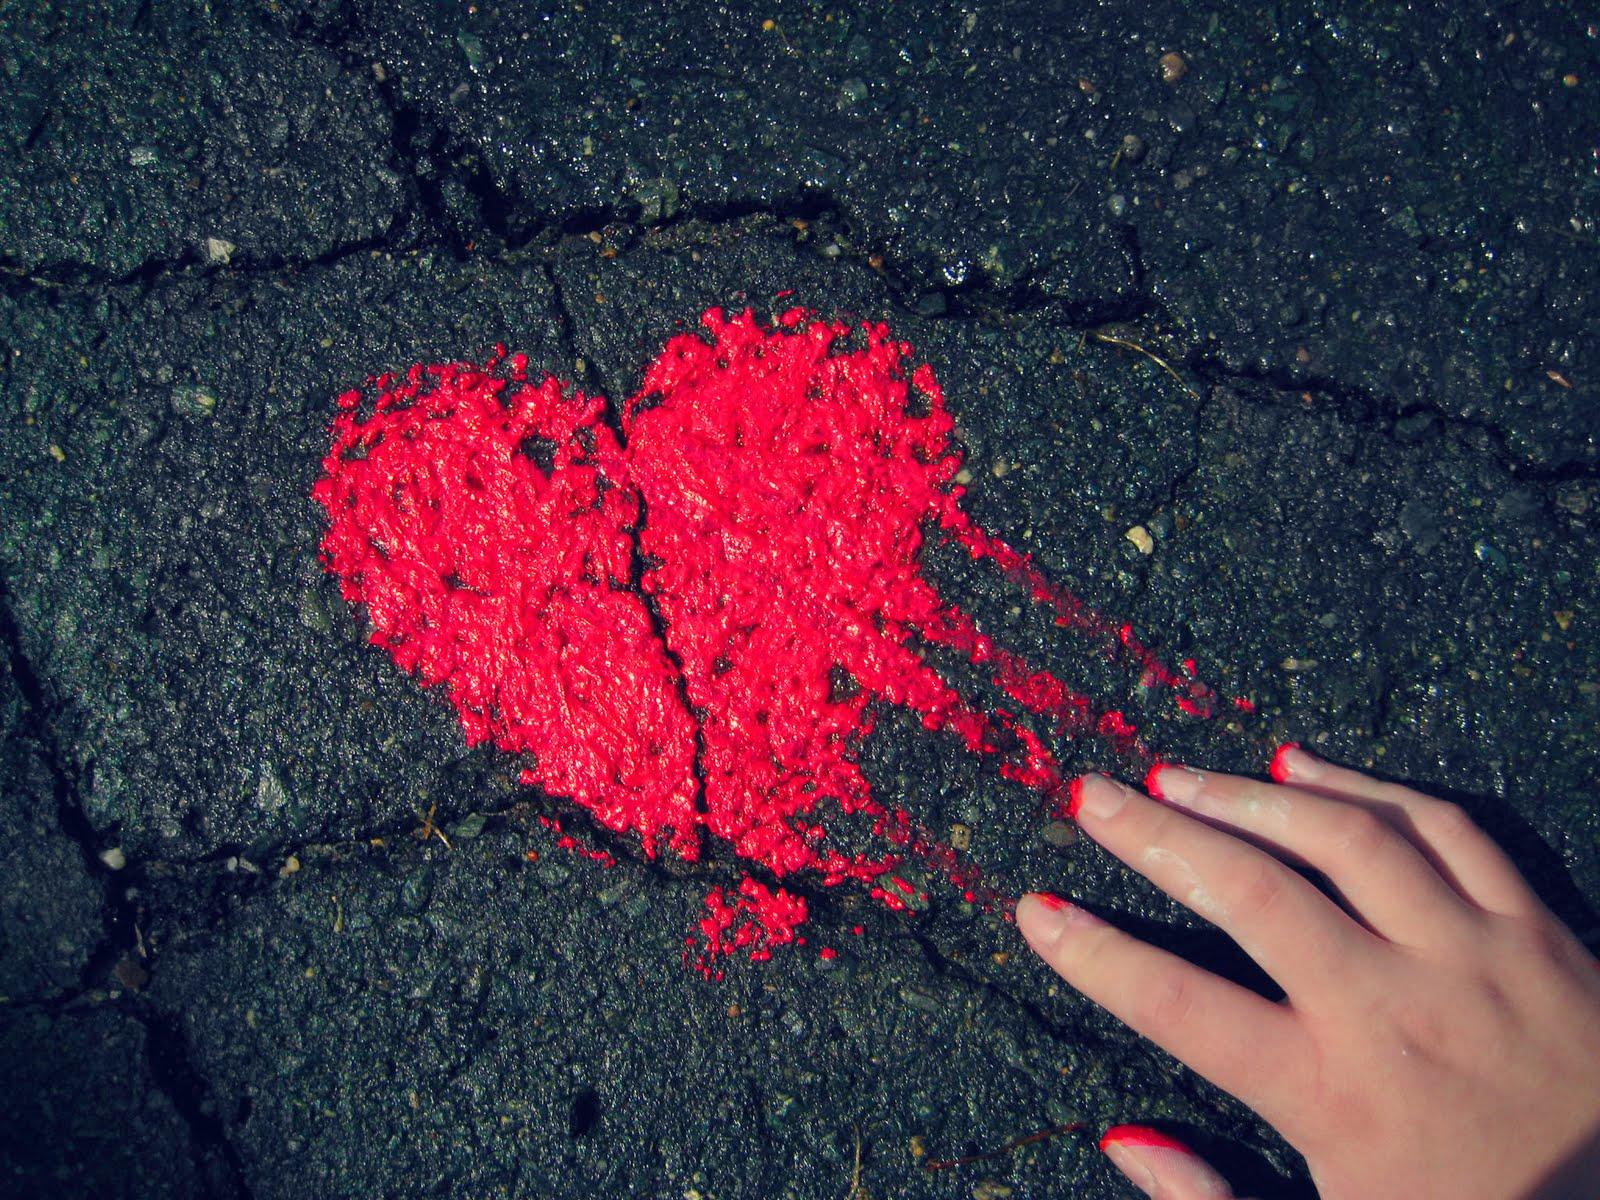 http://1.bp.blogspot.com/-5iwV18KS8TQ/TfadUq2B4pI/AAAAAAAAAGw/zciOVbtcMws/s1600/love.jpg